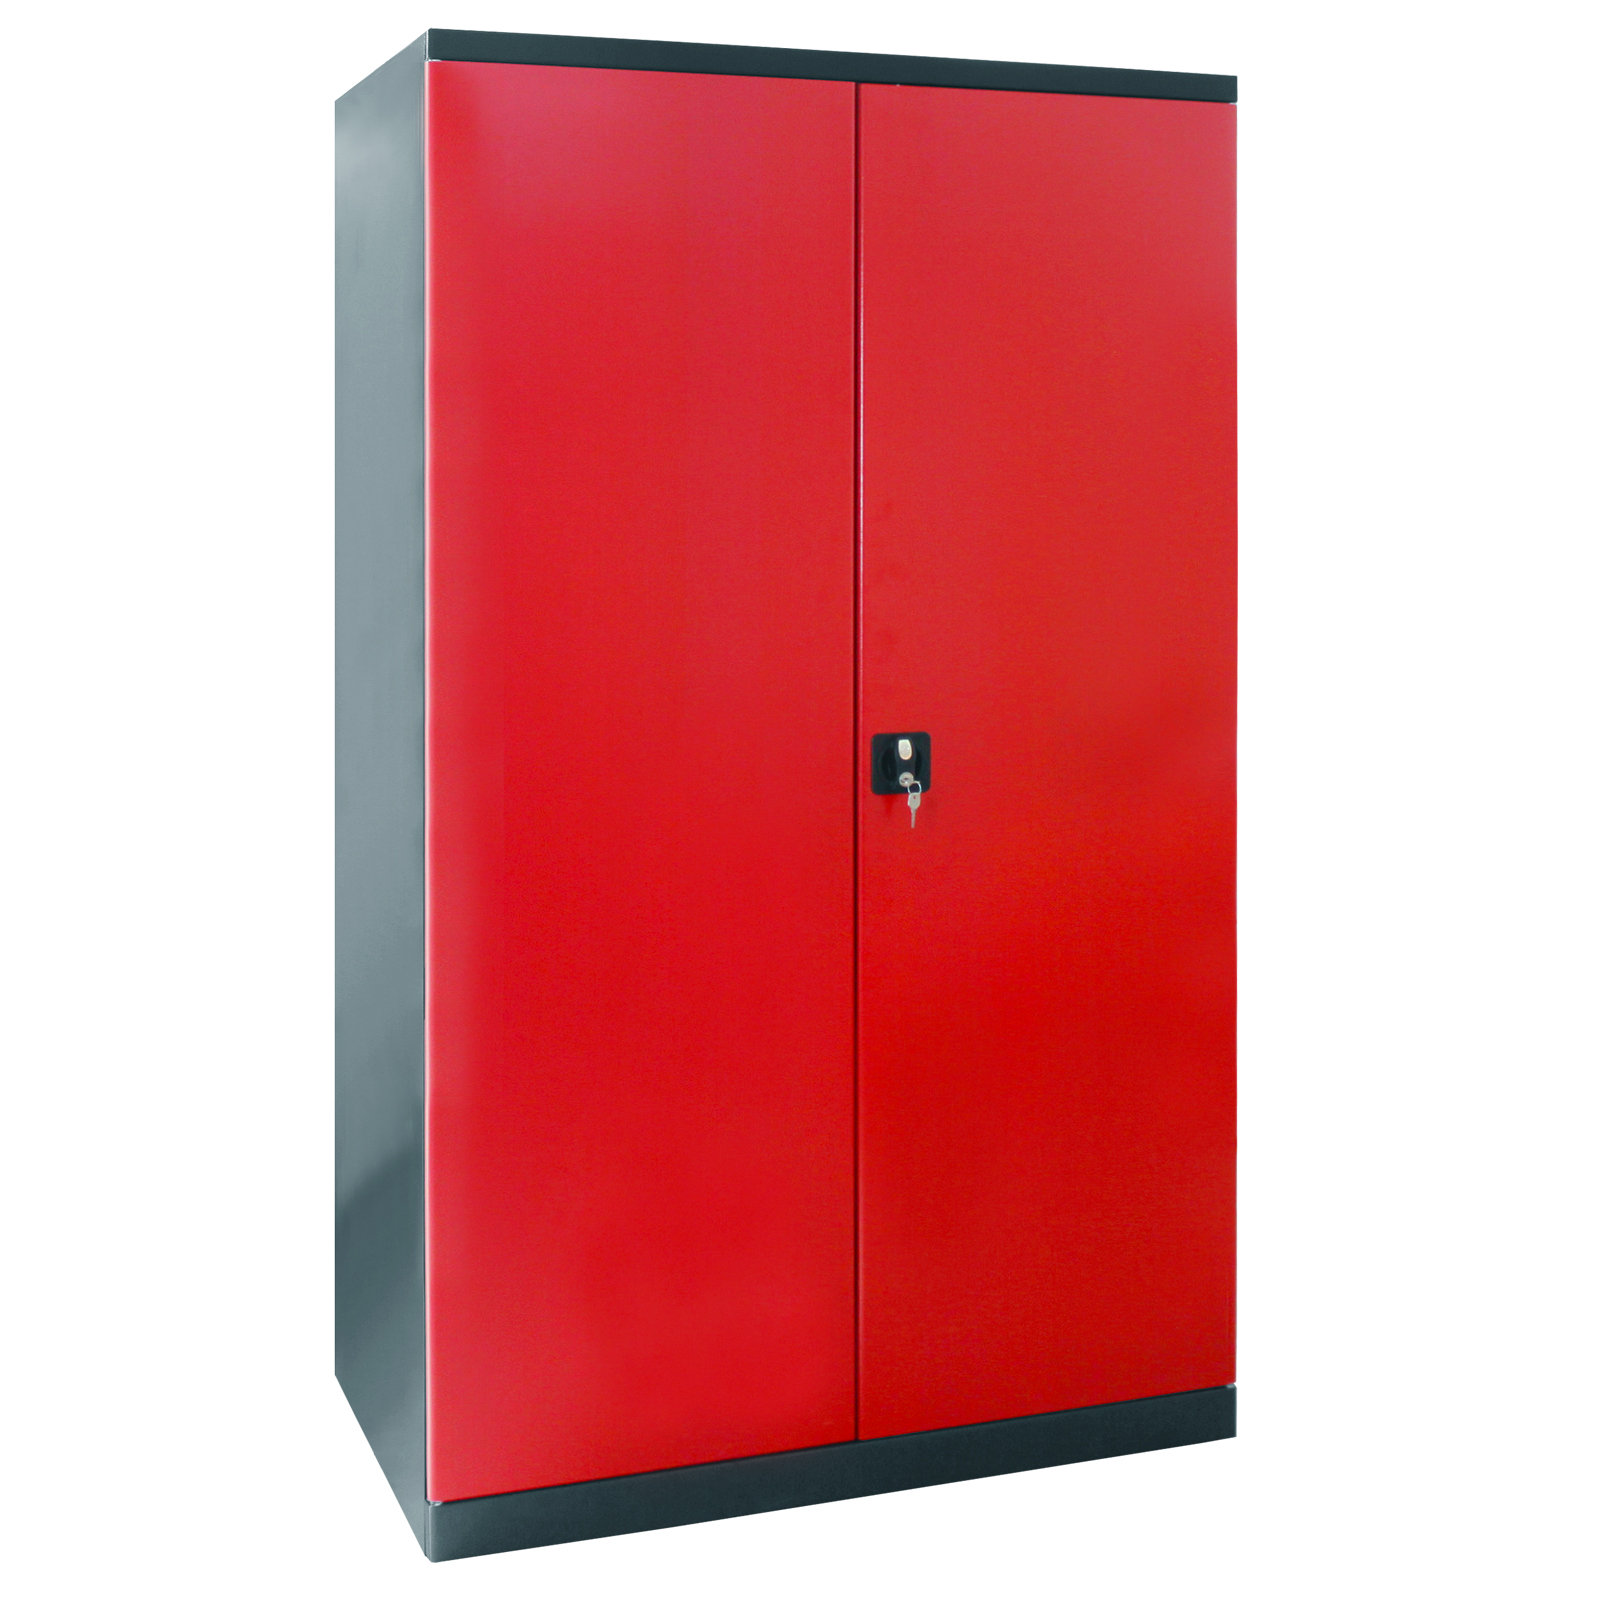 schrank xxl anthrazit rot metall schrank werkzeug 40913 ebay. Black Bedroom Furniture Sets. Home Design Ideas